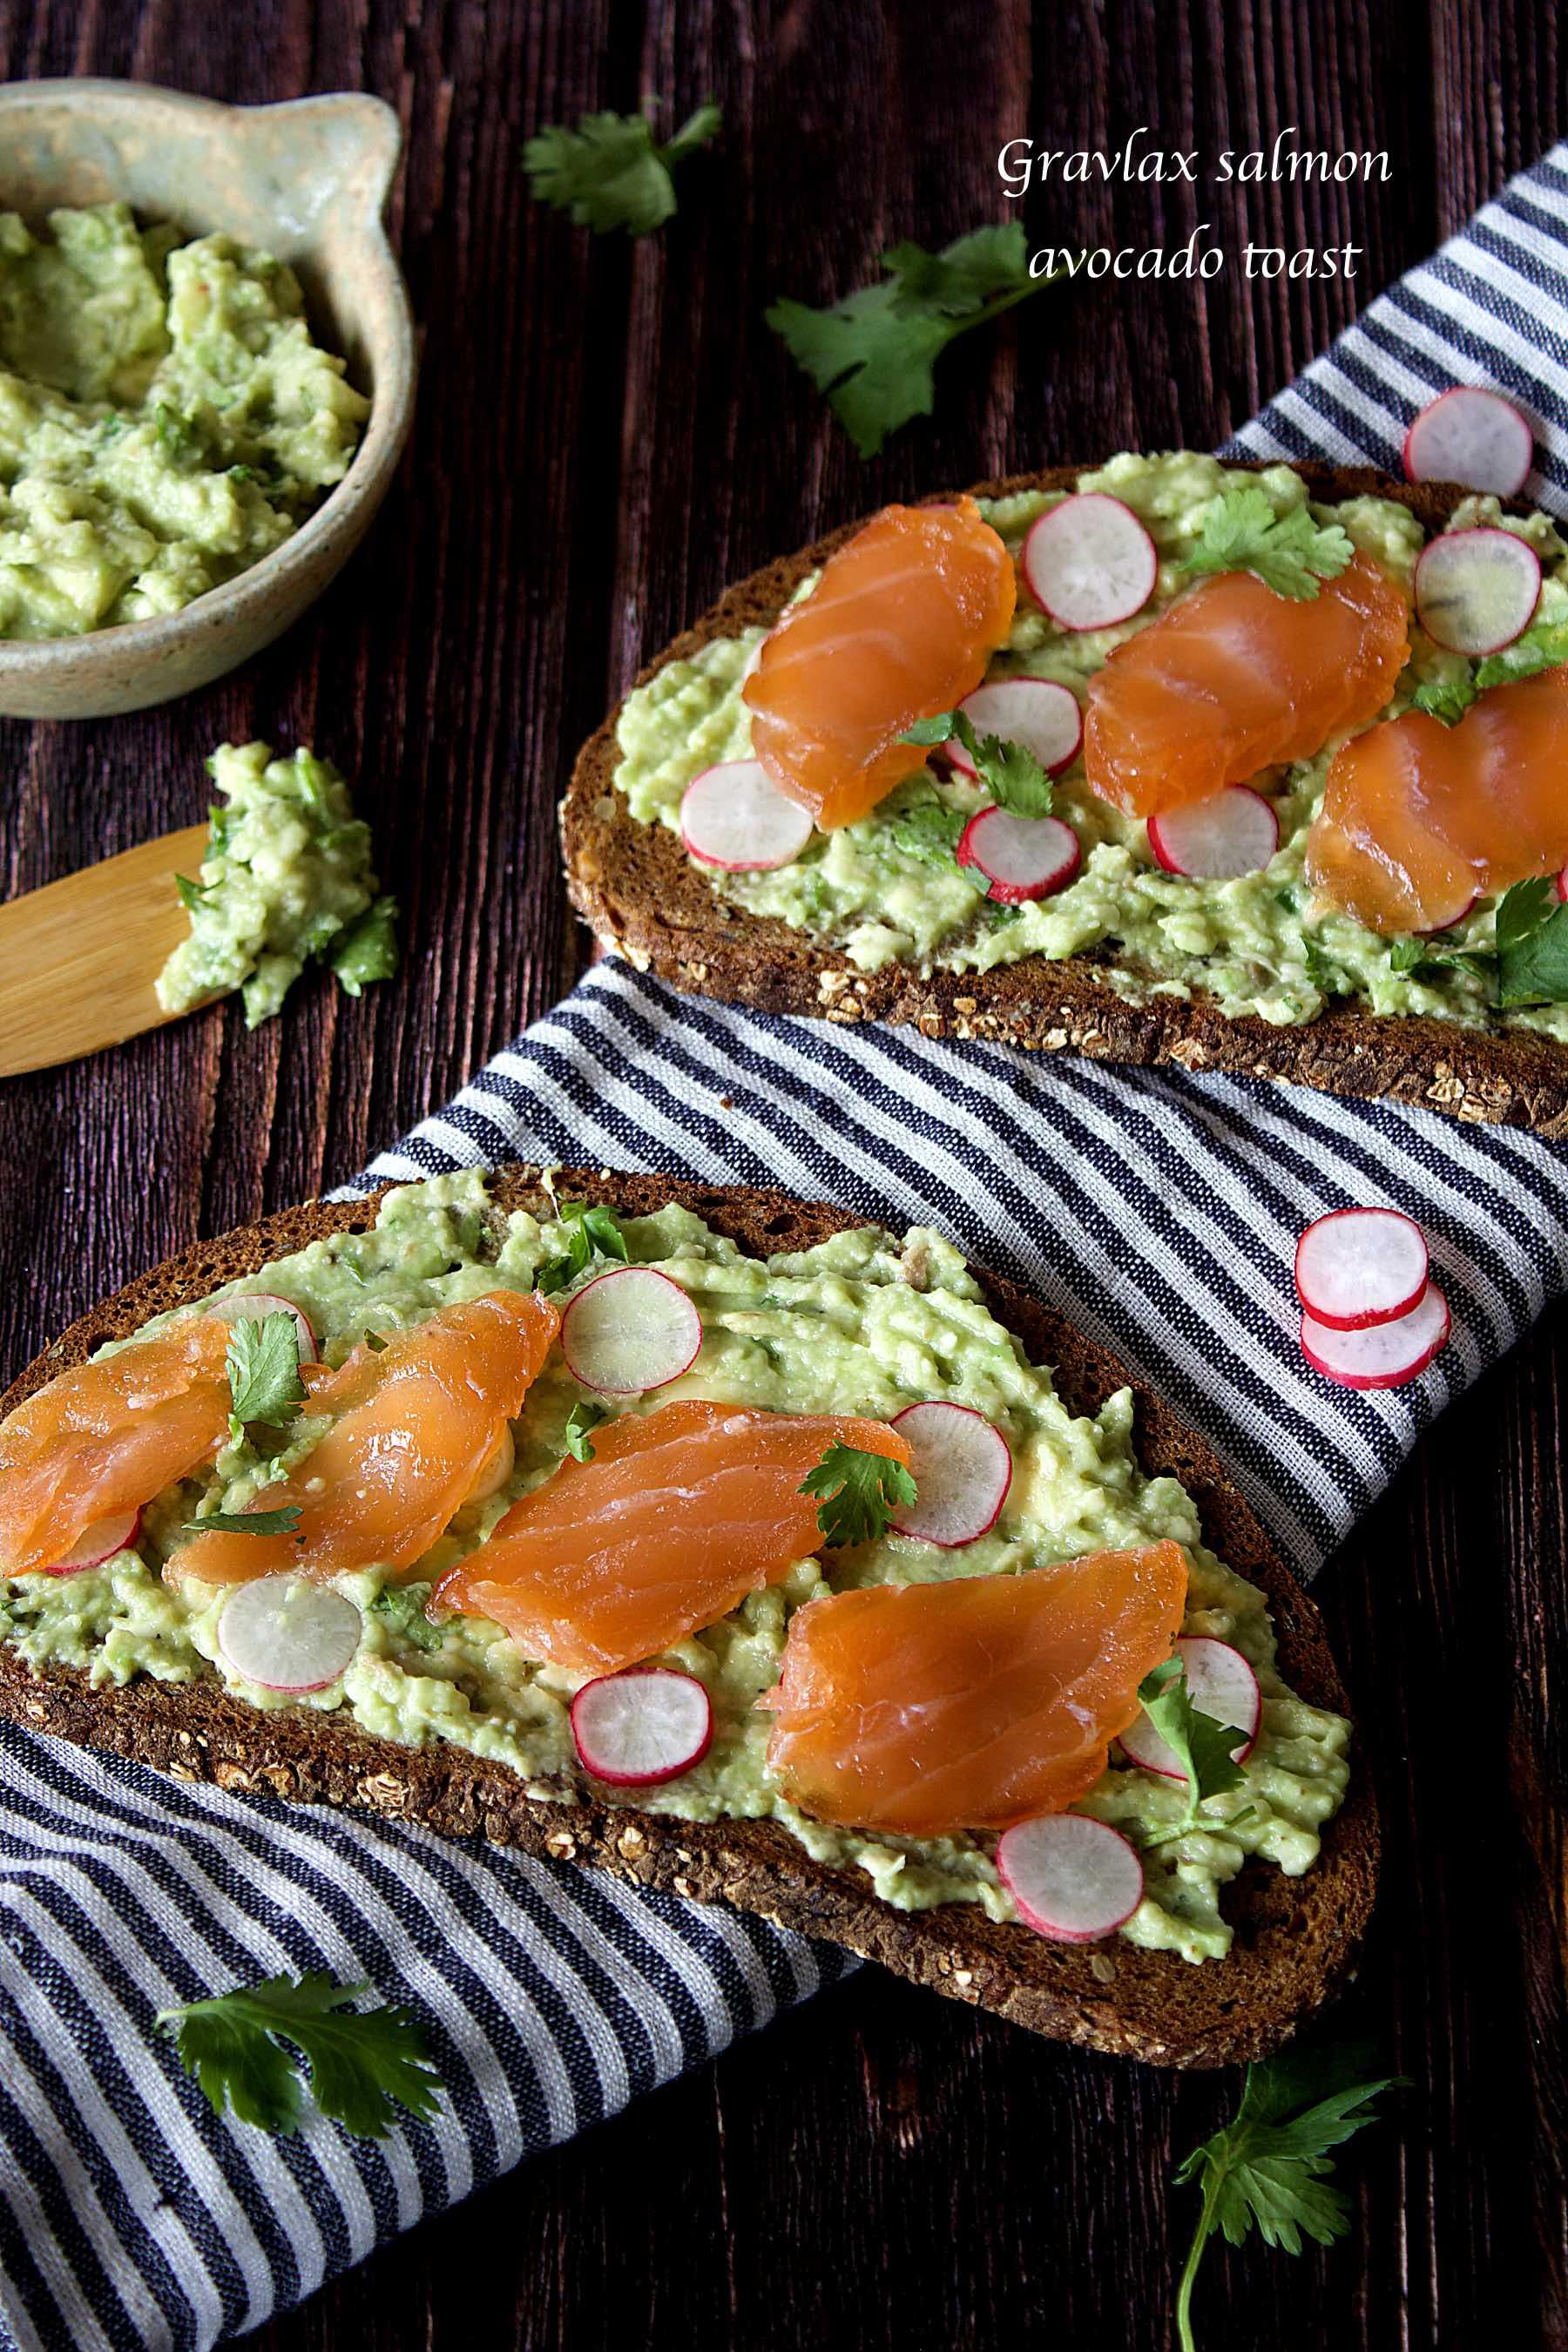 Toasts à l'avocat et au saumon gravlax maison